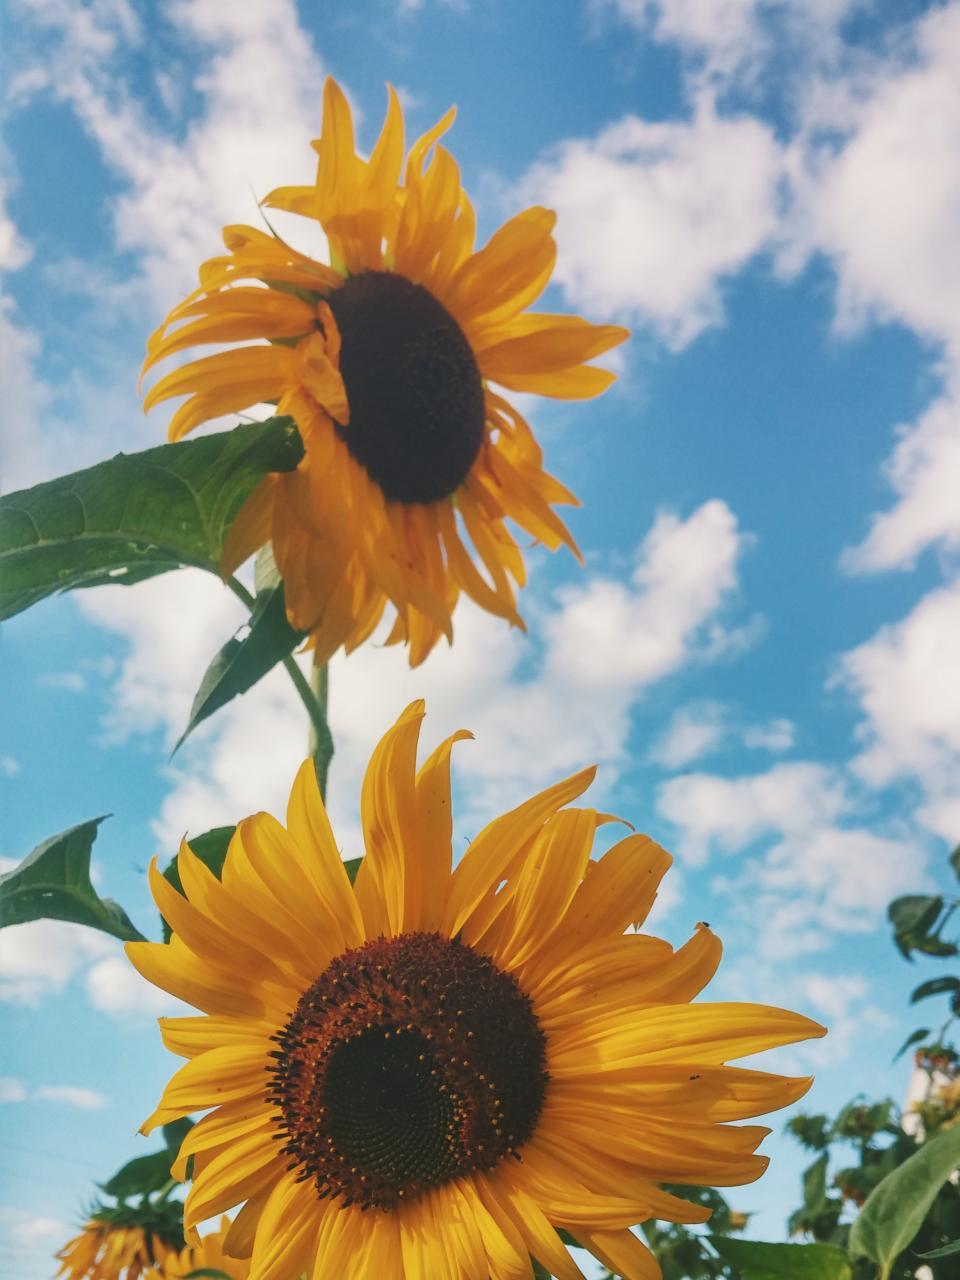 sunflower, yellow, petal, field, farm, garden, nature, plant, blue, sky, cloud